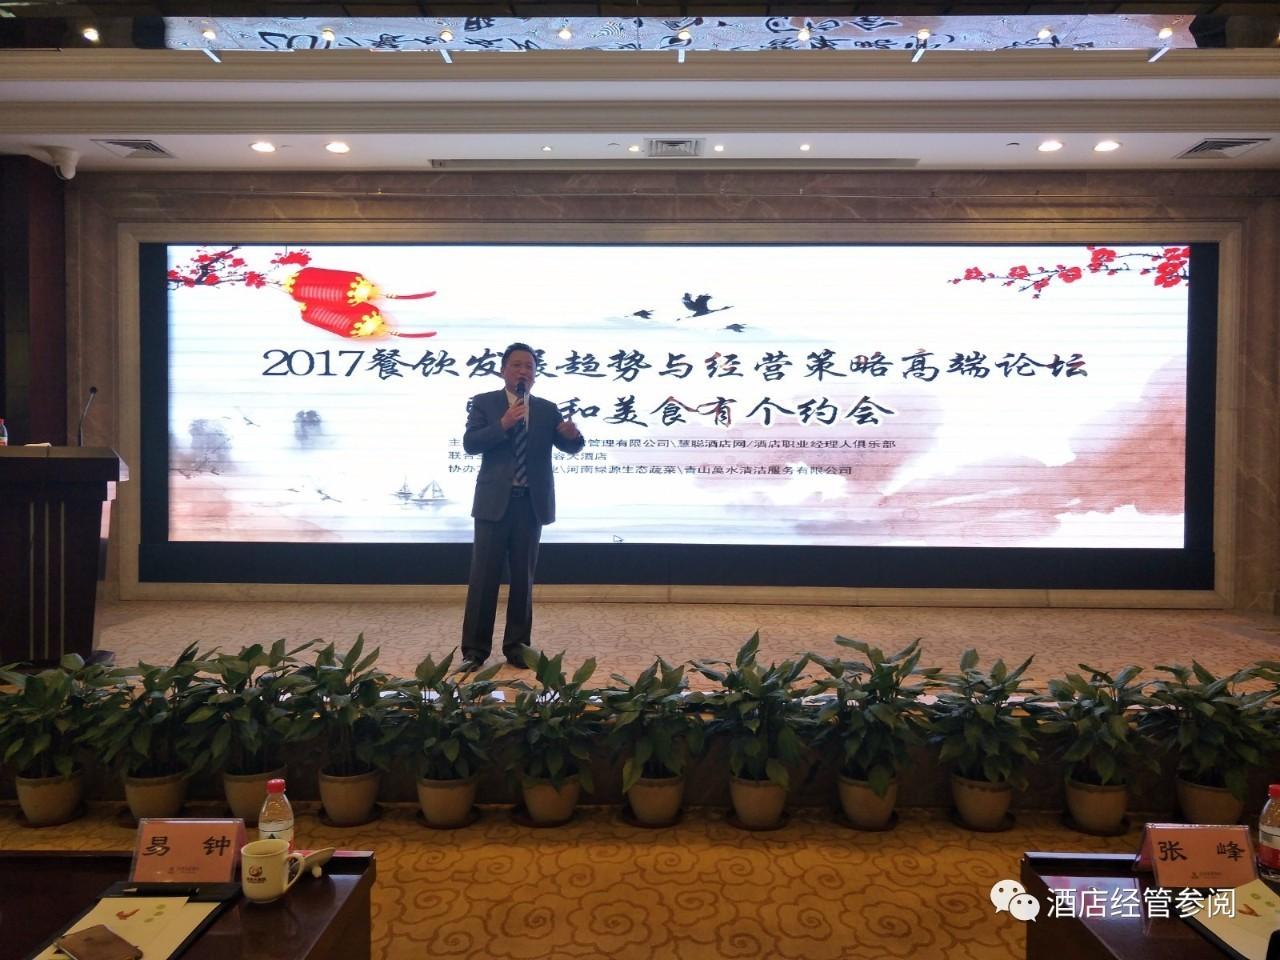 餐饮发展趋势与经营策略研讨在郑州赚钱举行音怎么抖图片